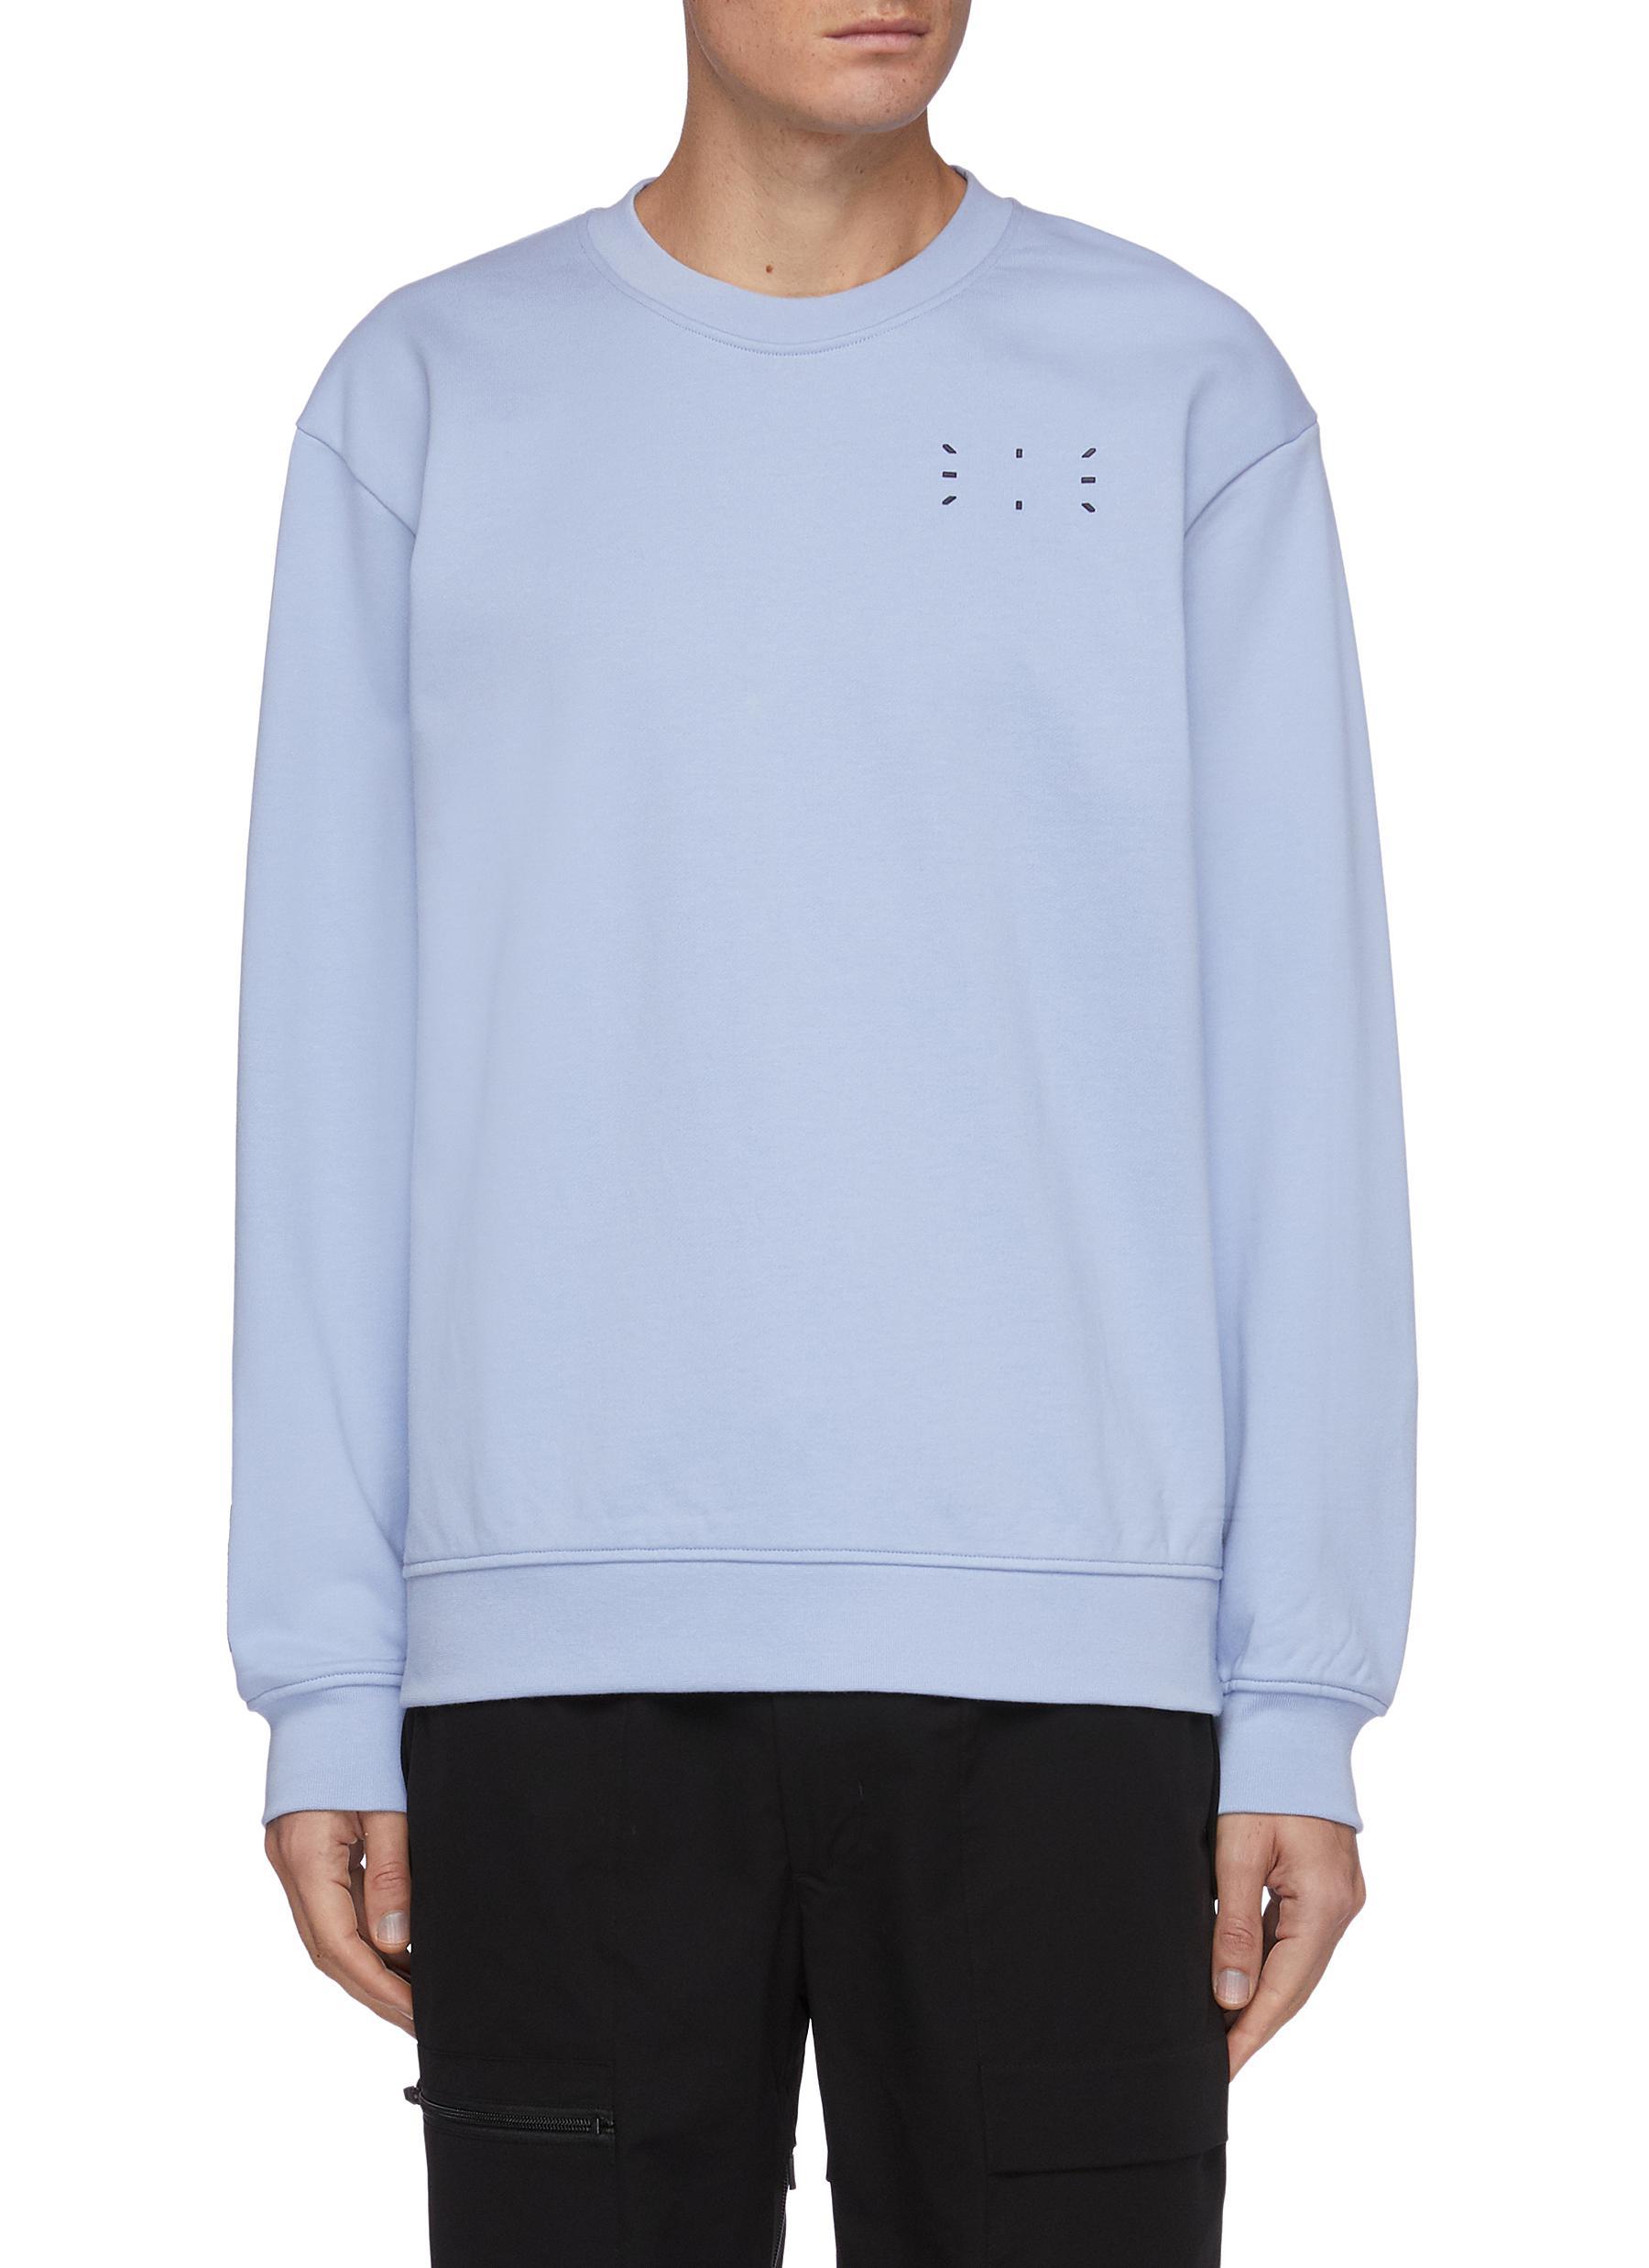 Core stitch print sweatshirt